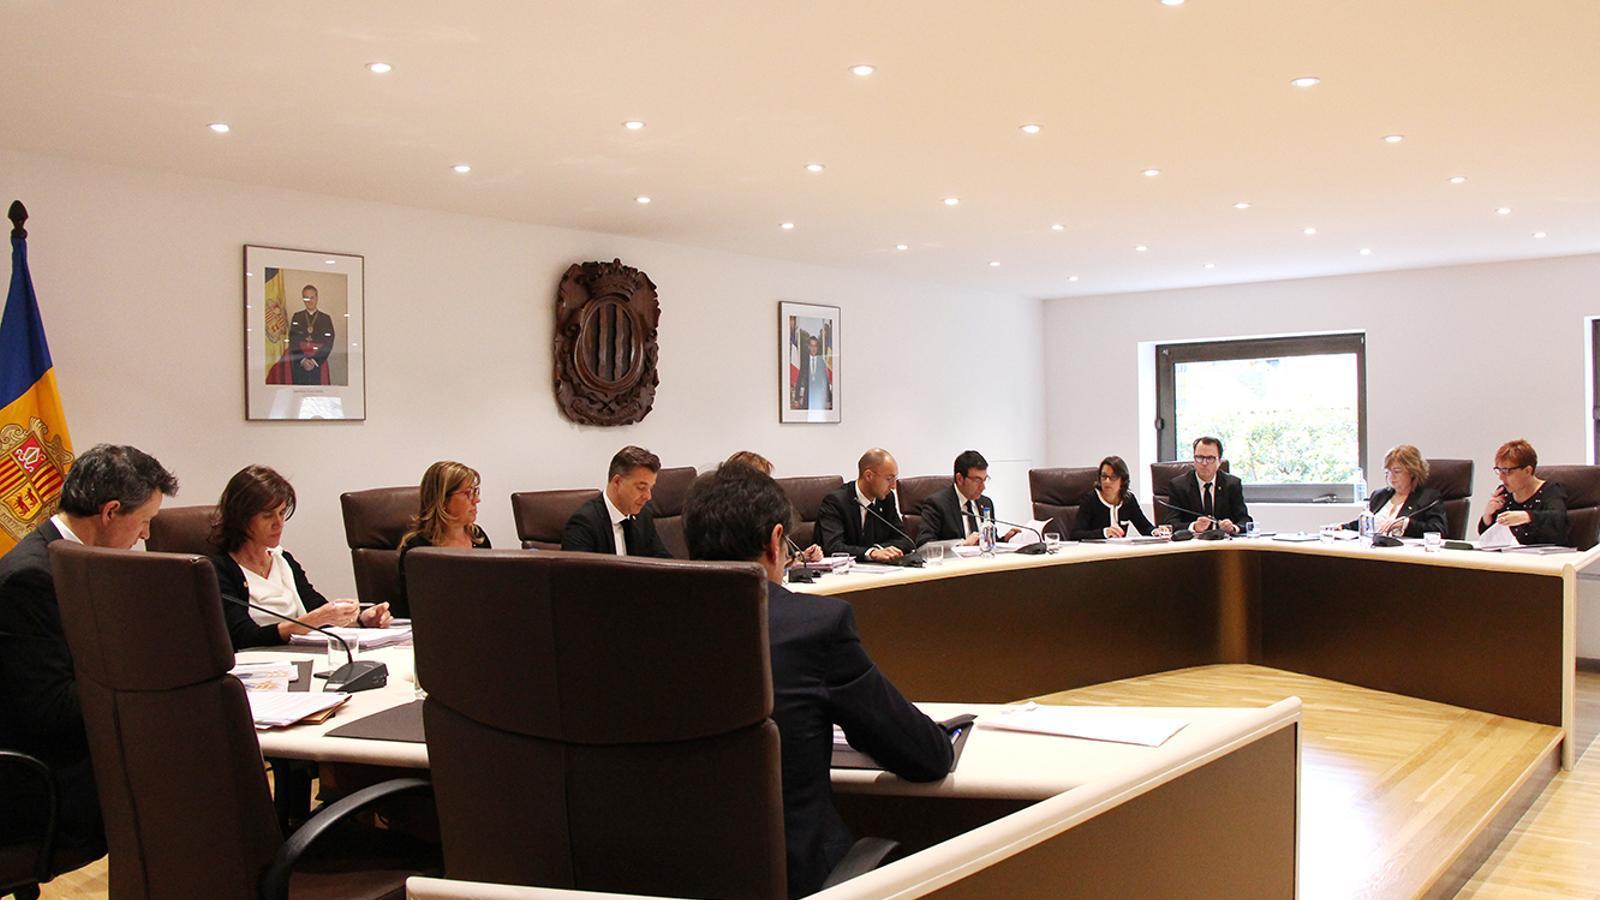 Un moment de la sessió de consell de comú celebrada aquest dimecres. / M. F. (ANA)